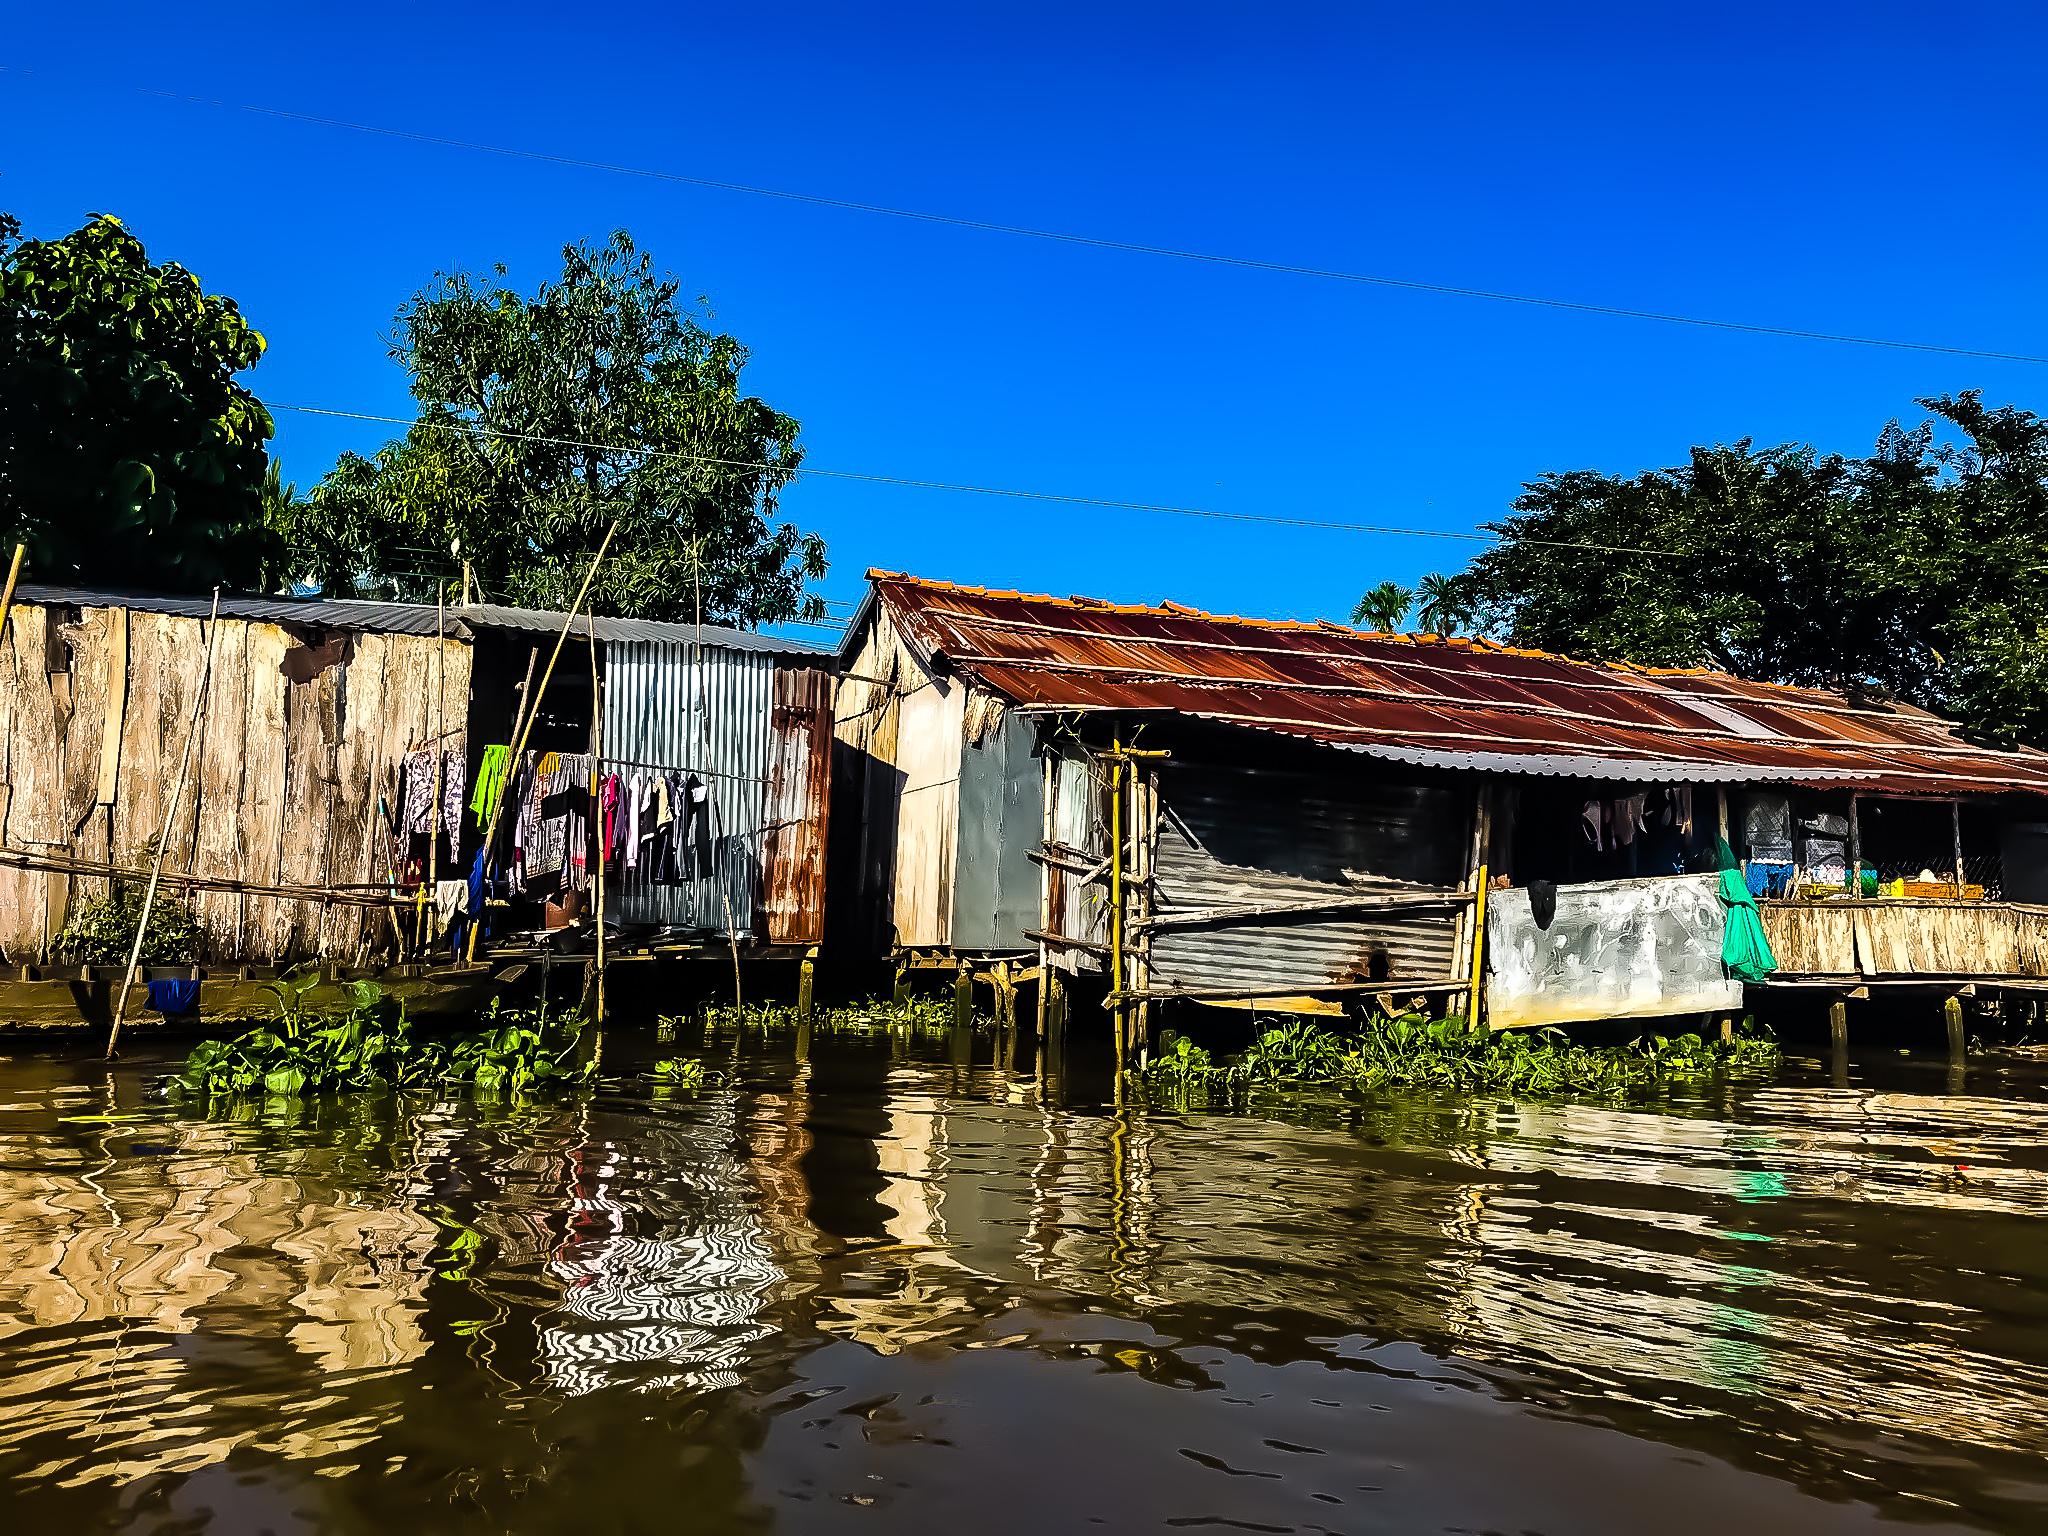 Leben am Mekong Fluss